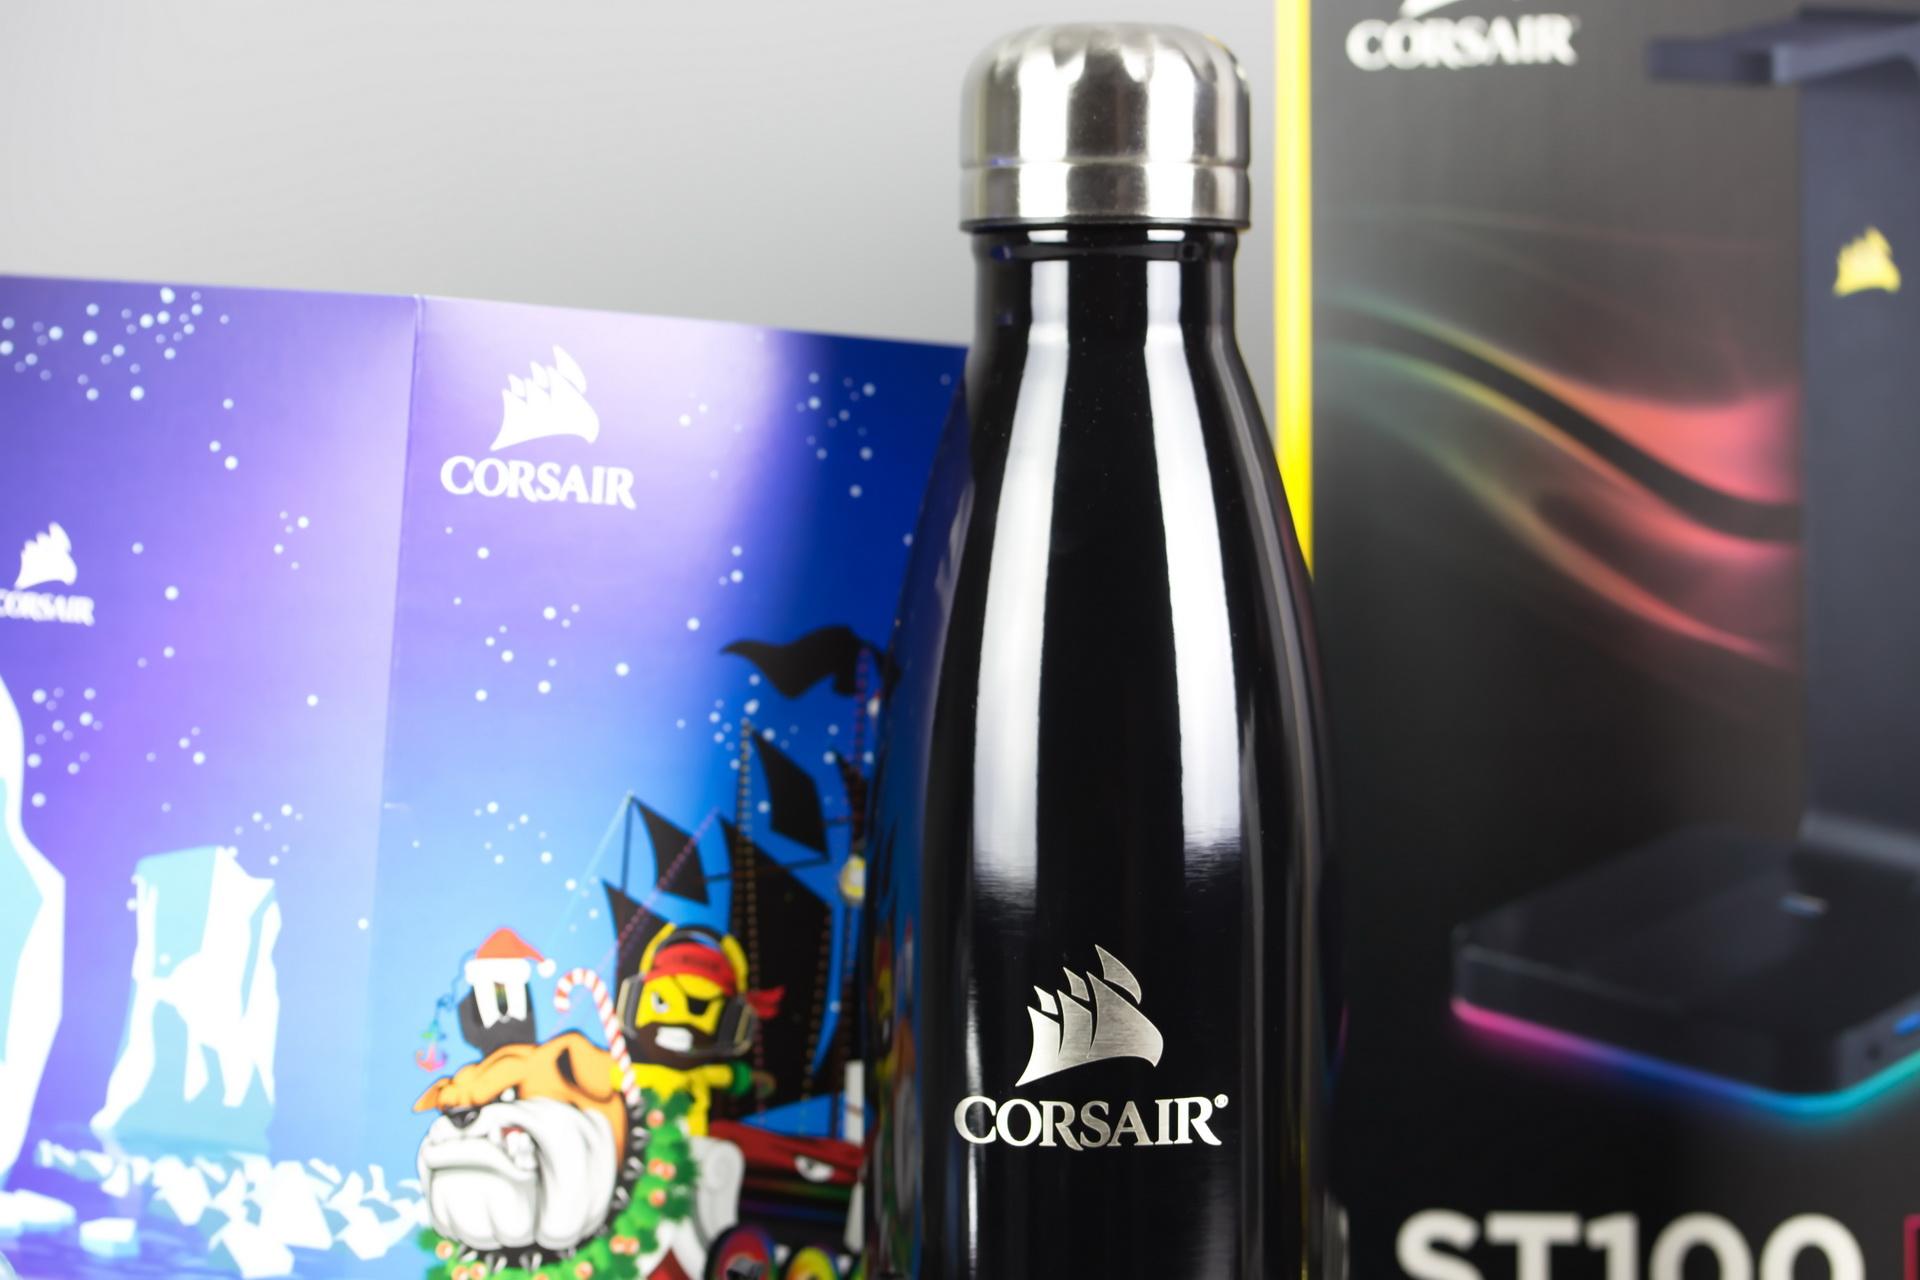 Corsair Cadeau 11